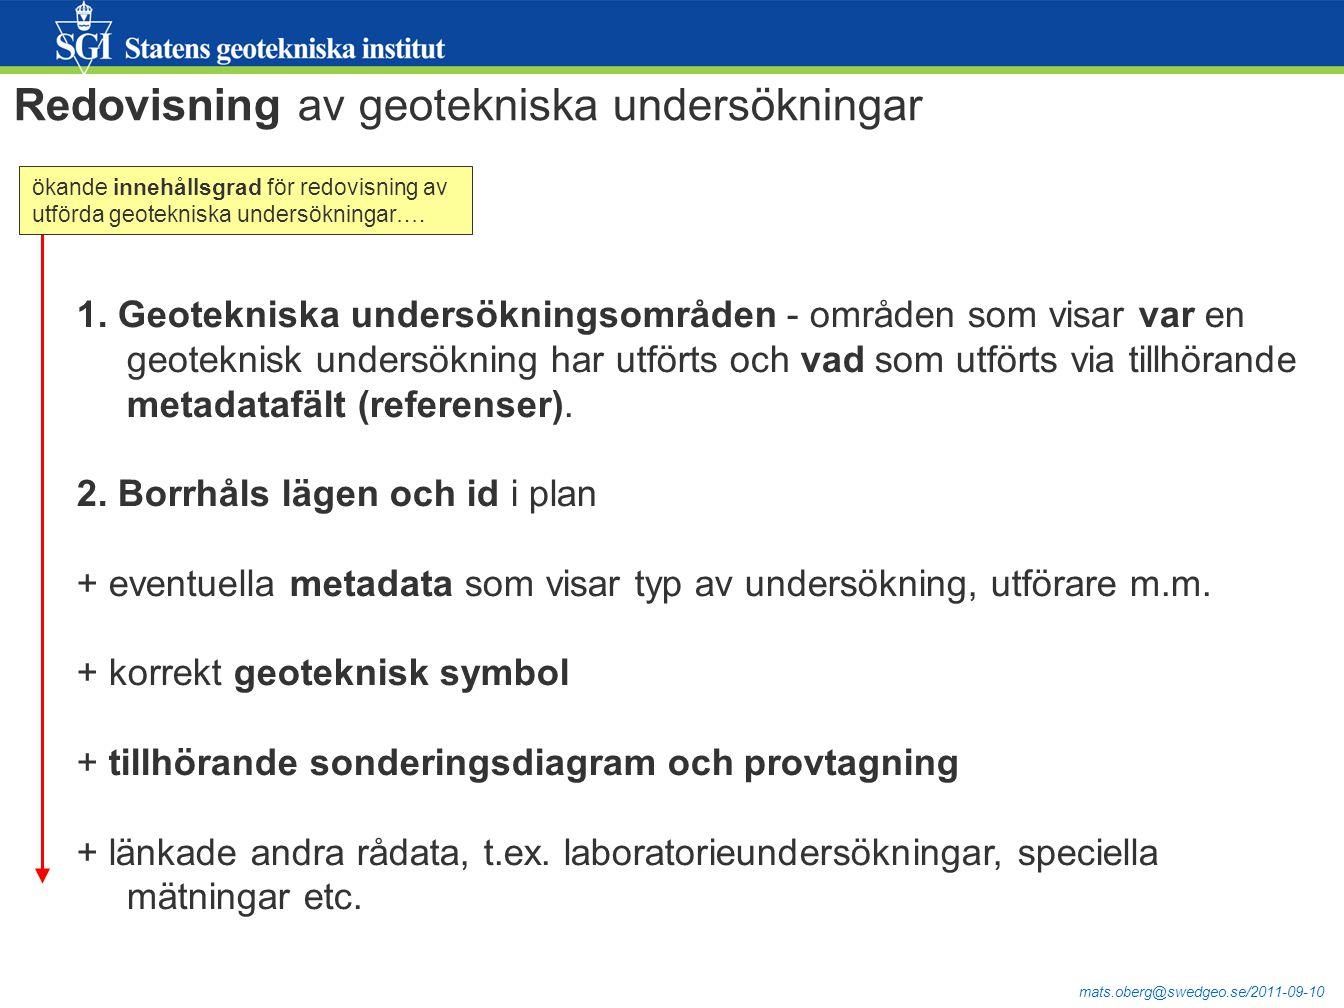 mats.oberg@swedgeo.se/2011-09-10 I förstudien har byggts en prototyp för registrering av geotekniska undersökningsområden.